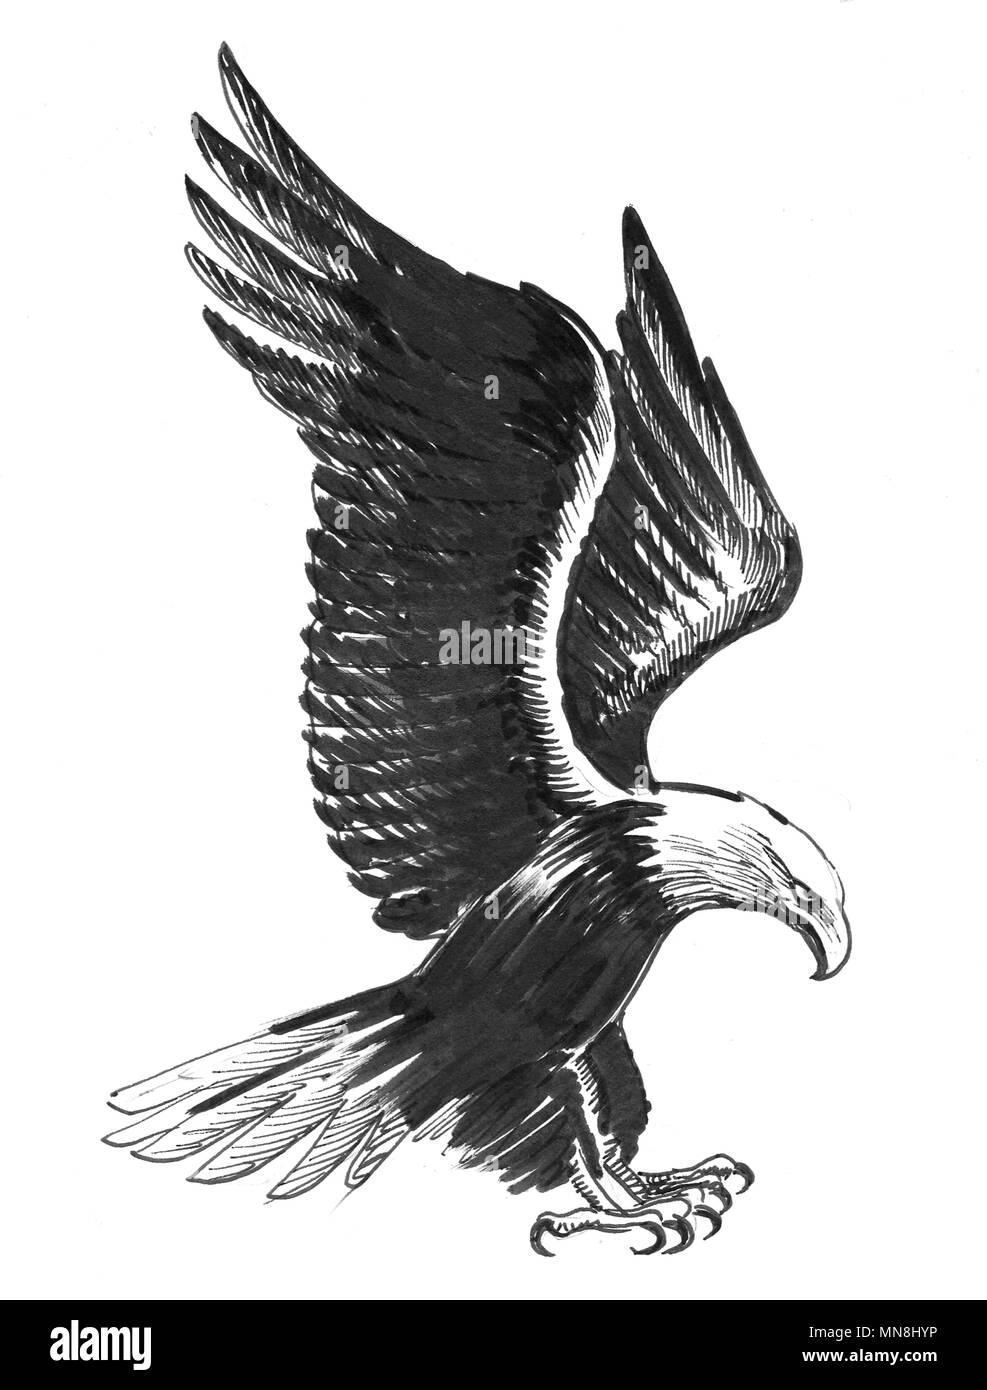 águila Volando Dibujo En Blanco Y Negro De Tinta Foto Imagen De